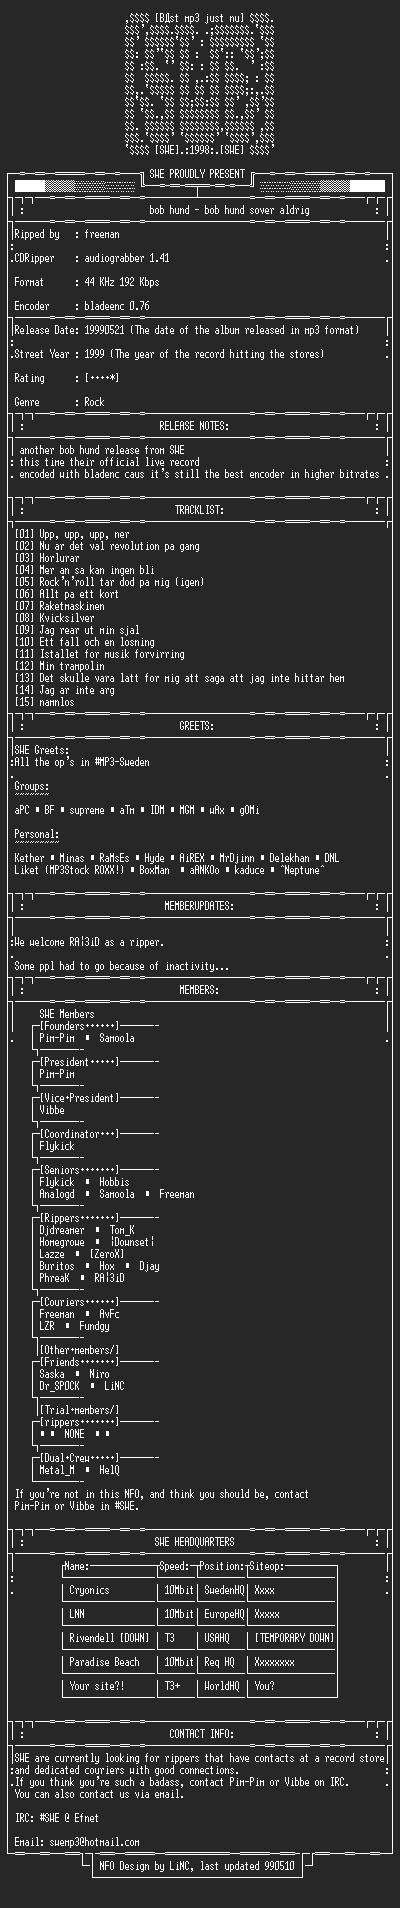 NFO file for Bob_Hund-Bob_Hund_Sover_Aldrig-(1999)-SWE